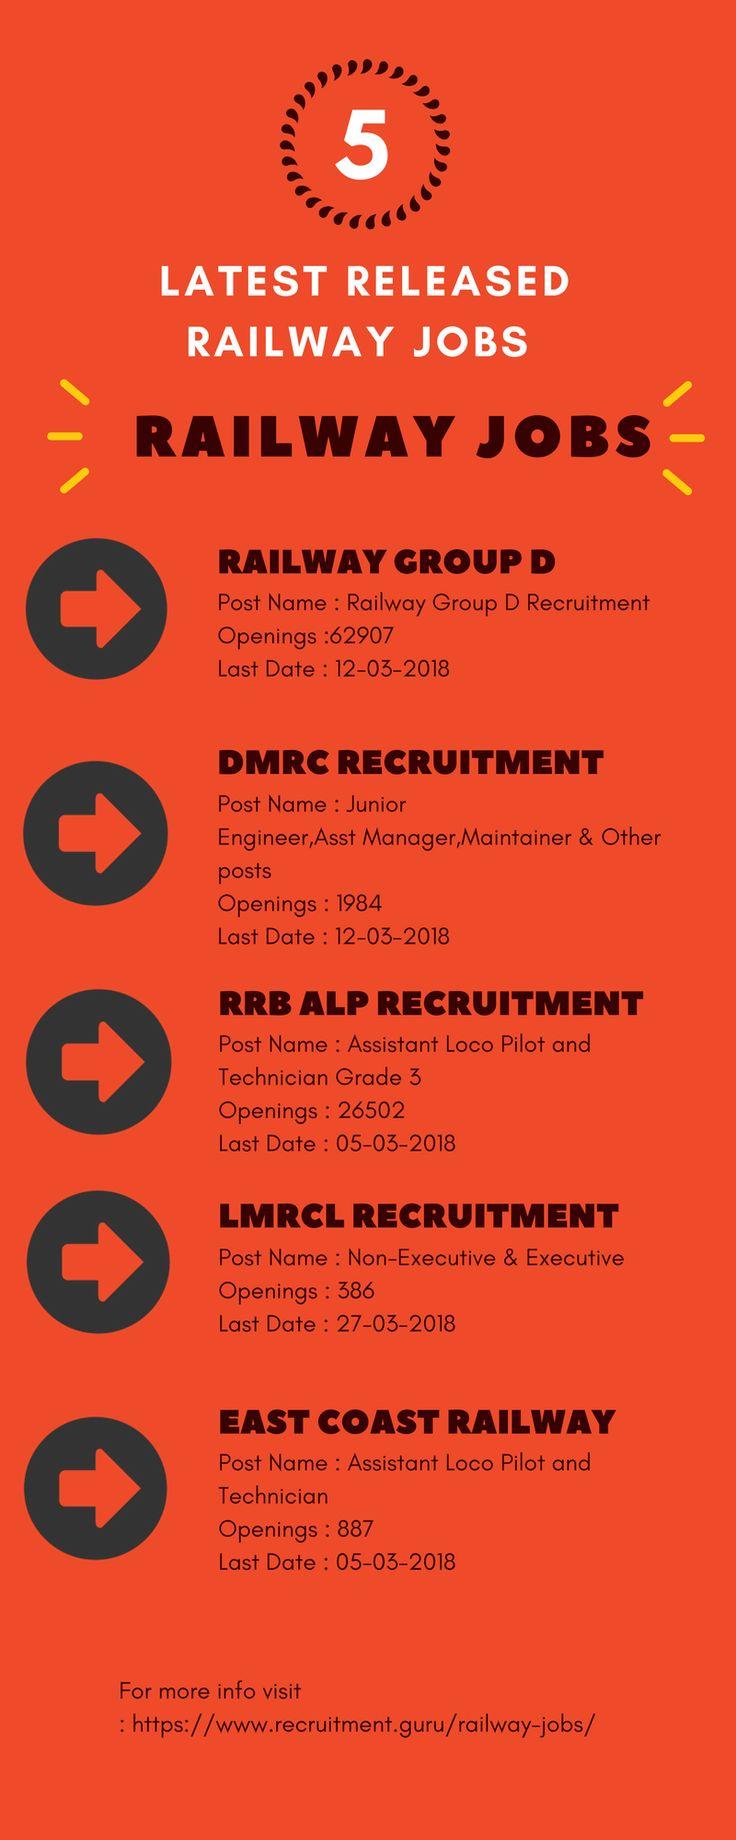 Best 25 railway jobs ideas on pinterest old navy job latest released railway jobs 2018 buycottarizona